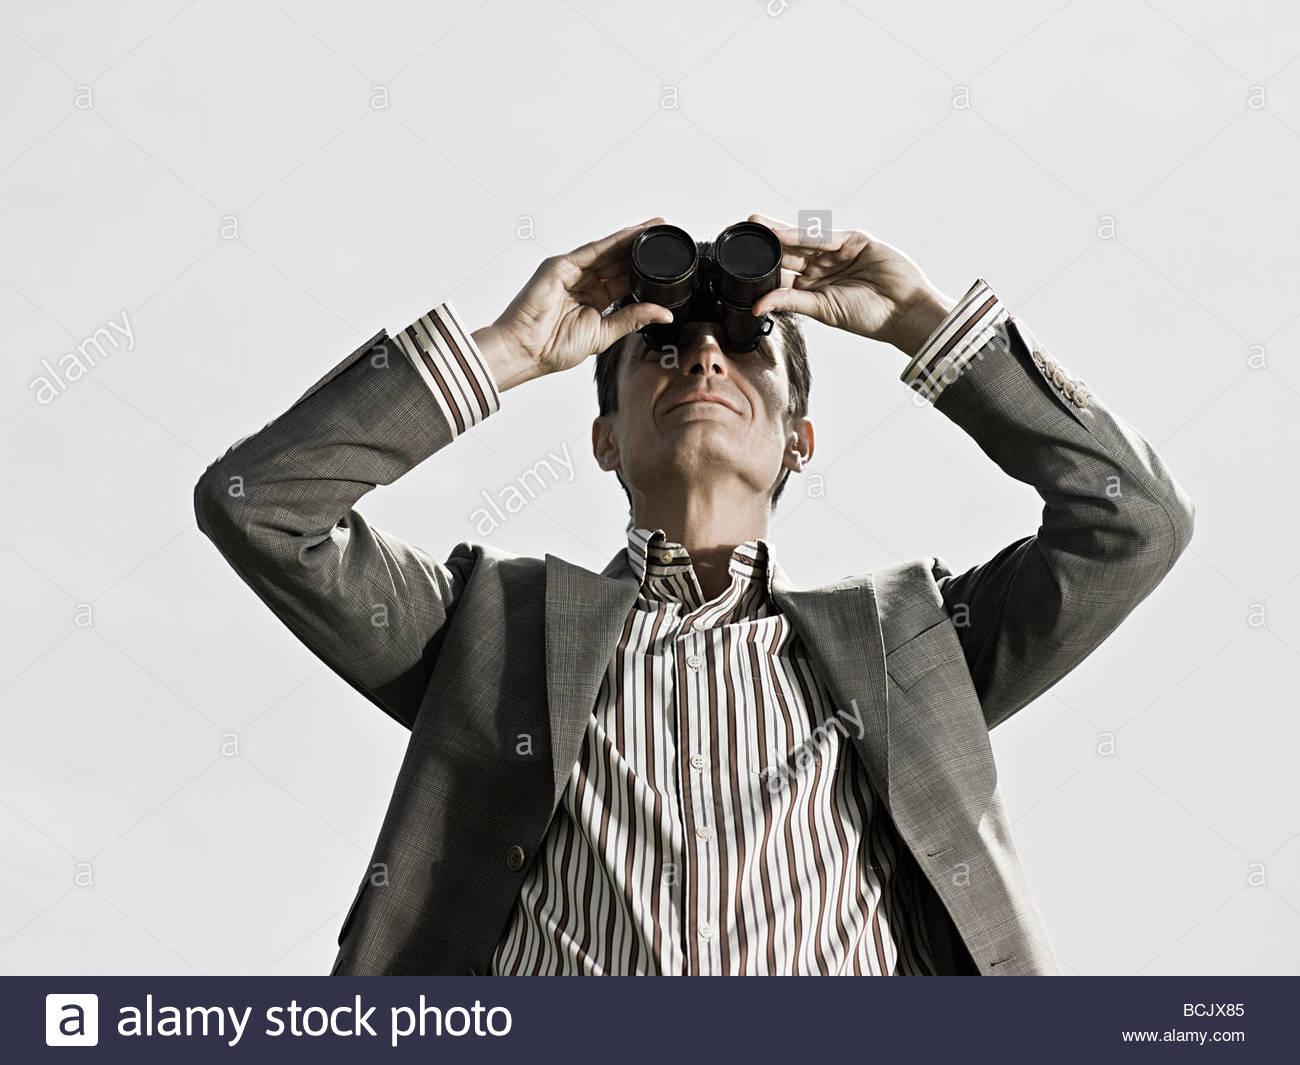 Man using binoculars - Stock Image